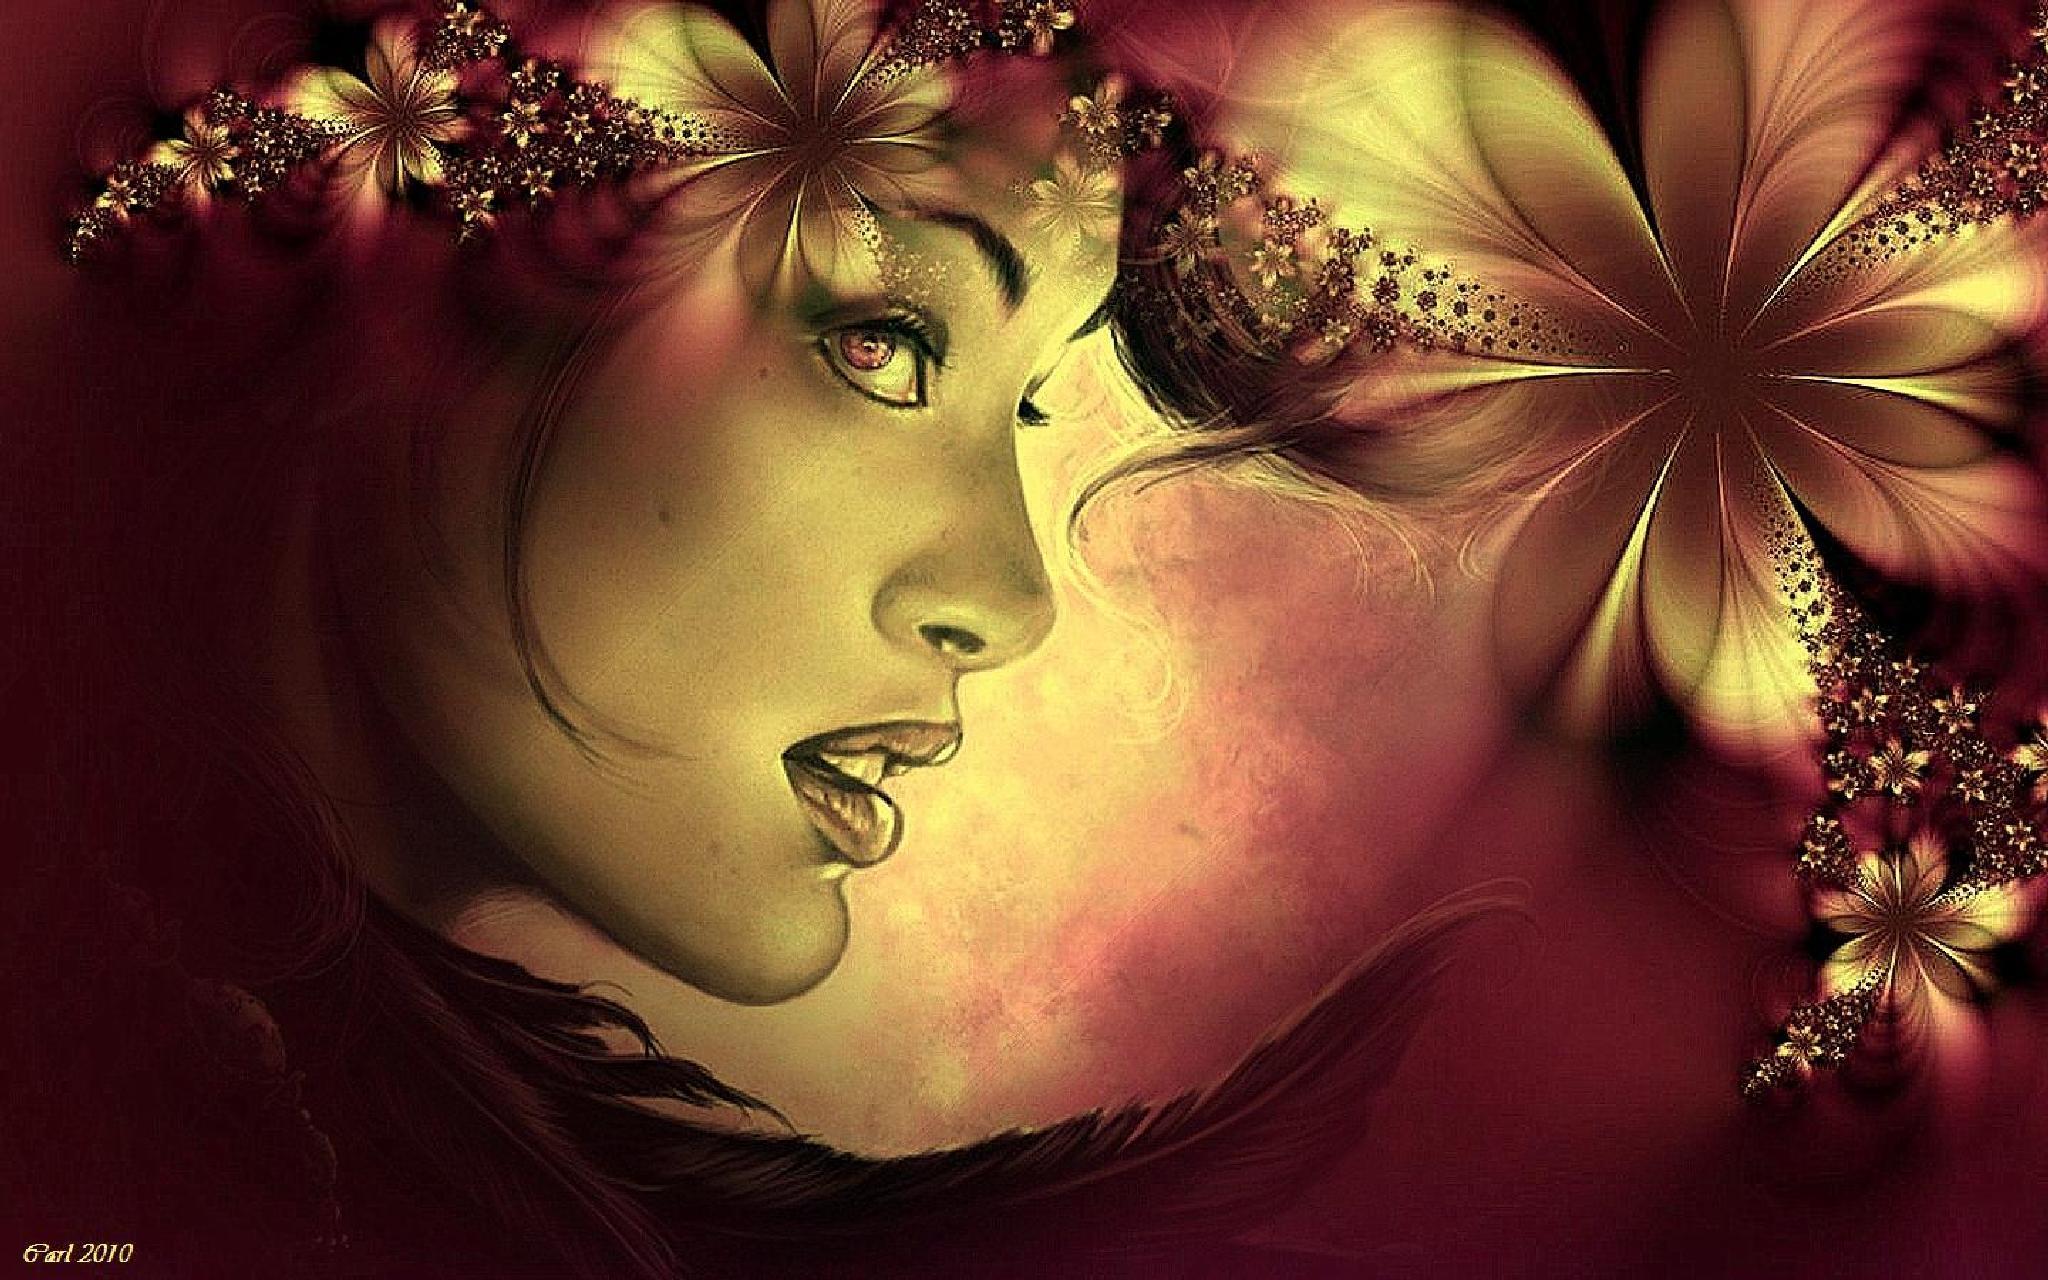 Flower girl by Carl van der Lienden